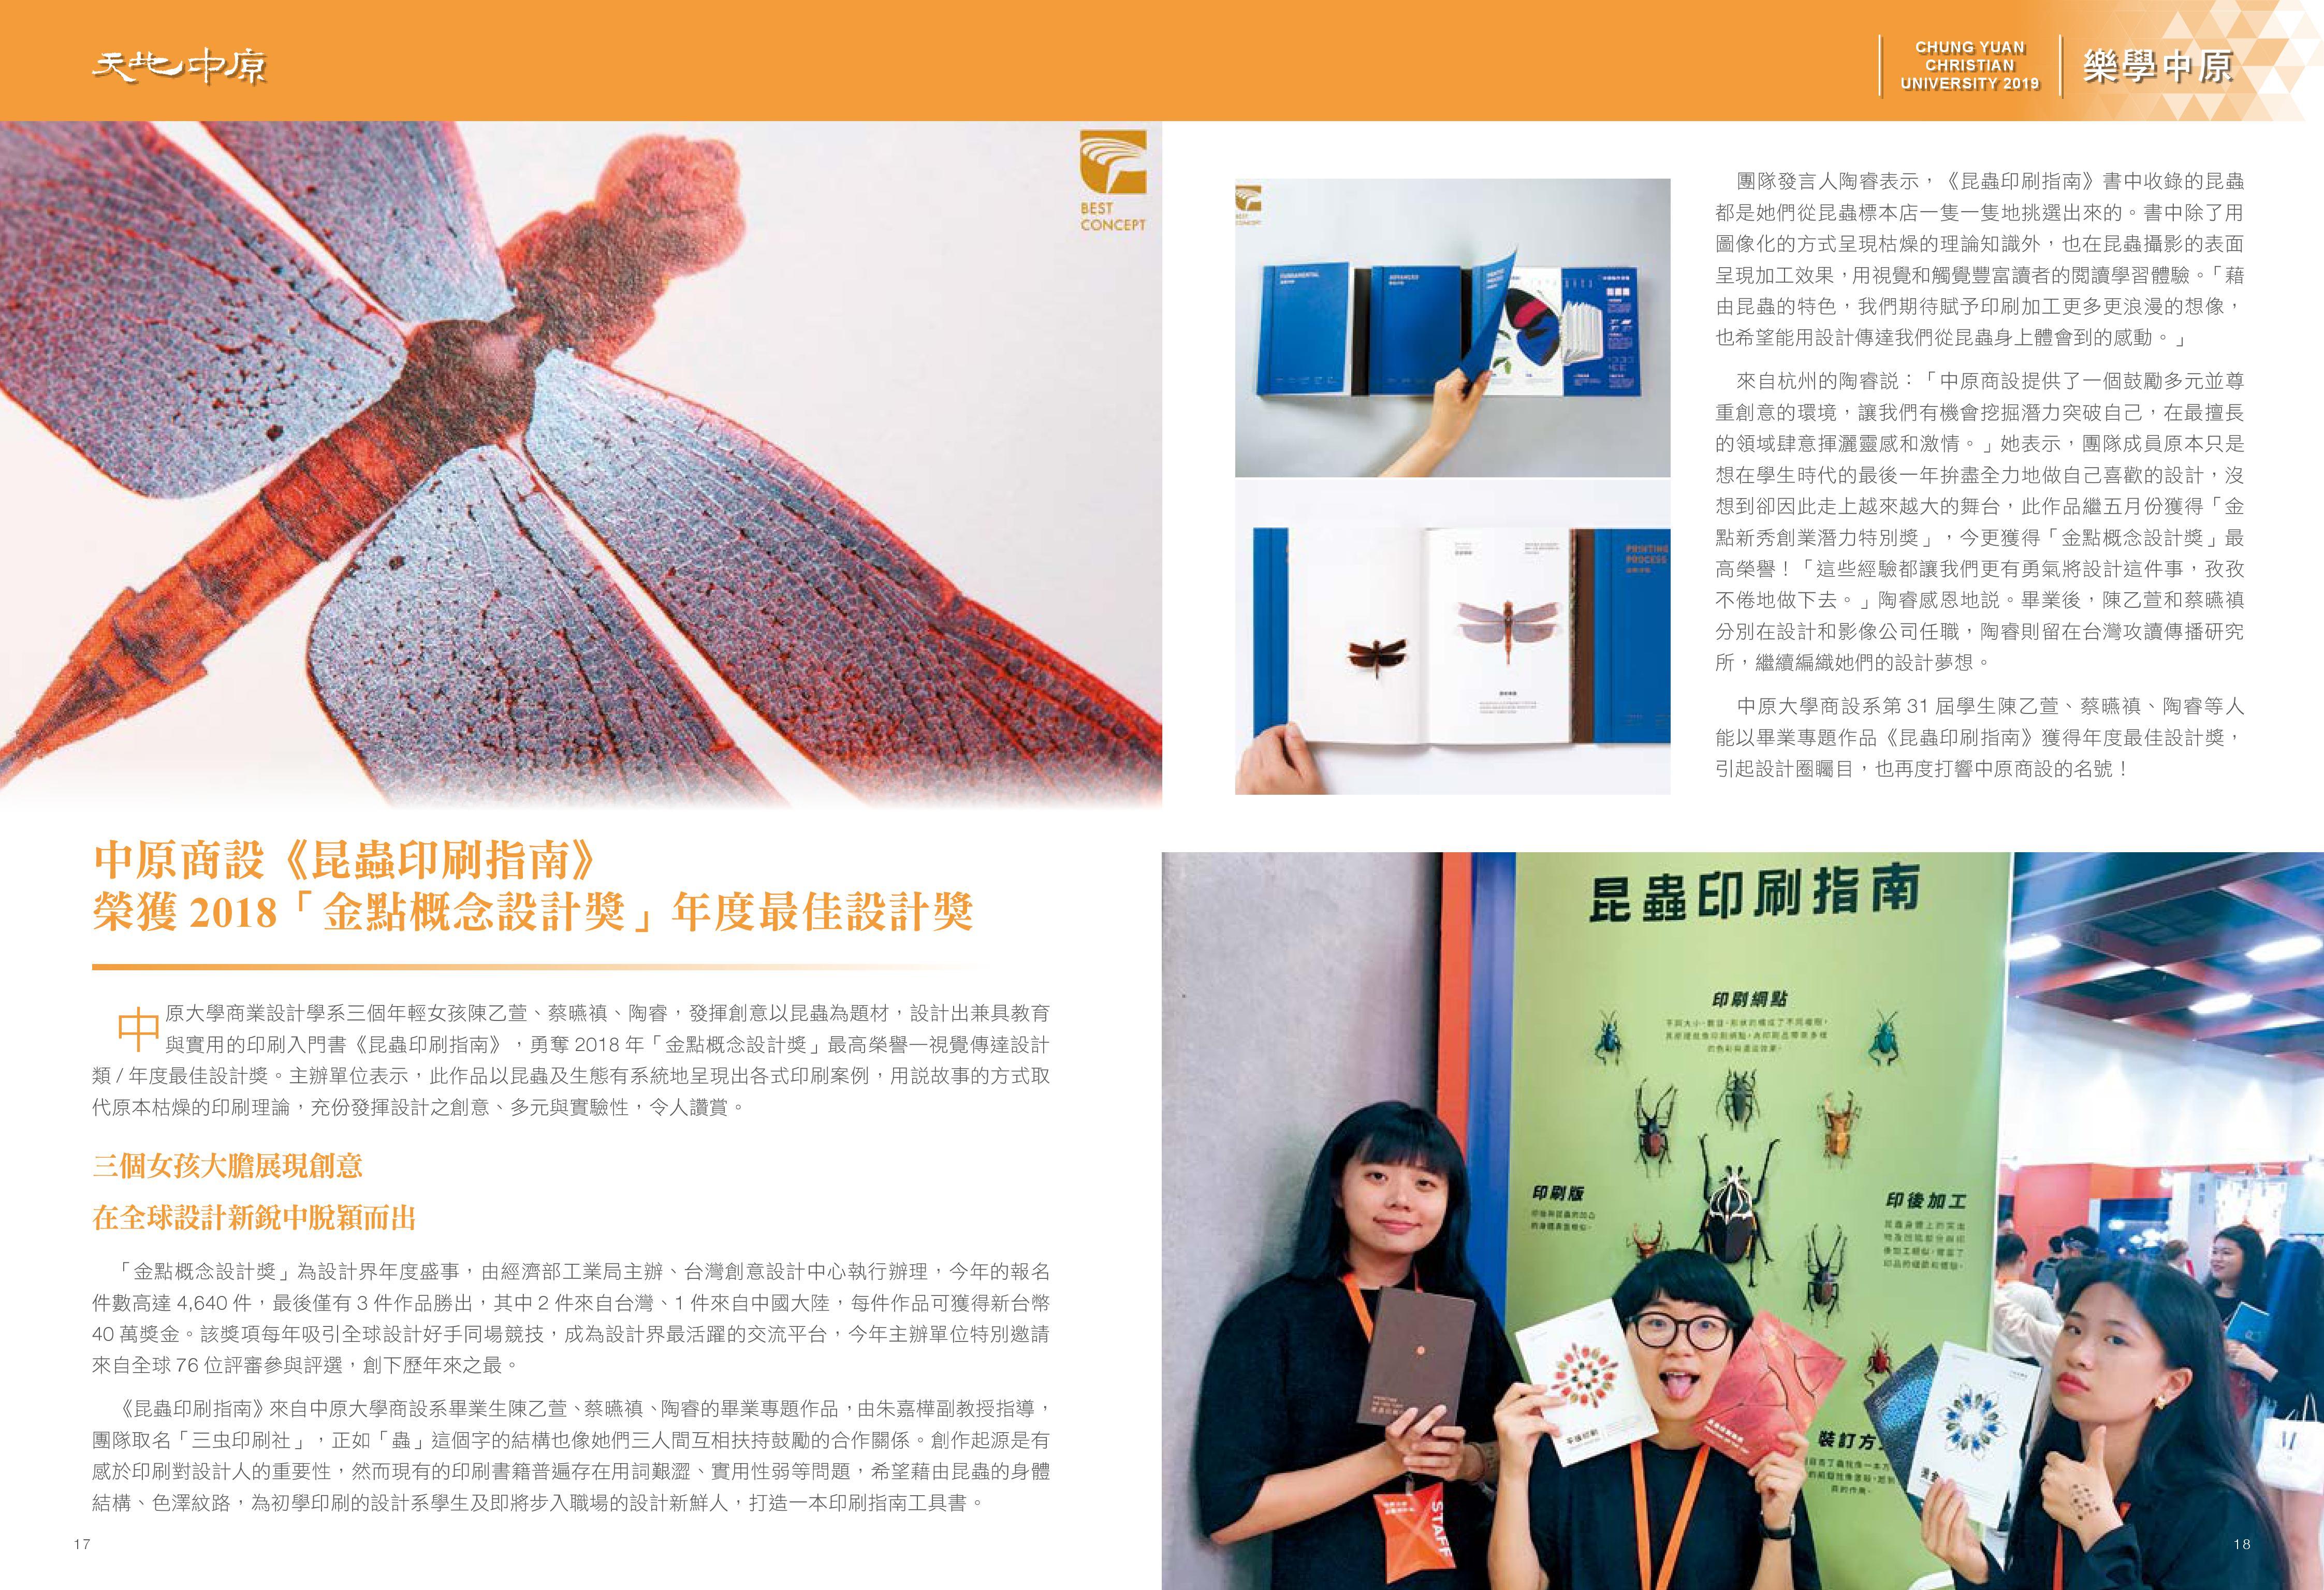 中原商設《昆蟲印刷指南》榮獲2018「金點概念設計獎」年度最佳設計獎